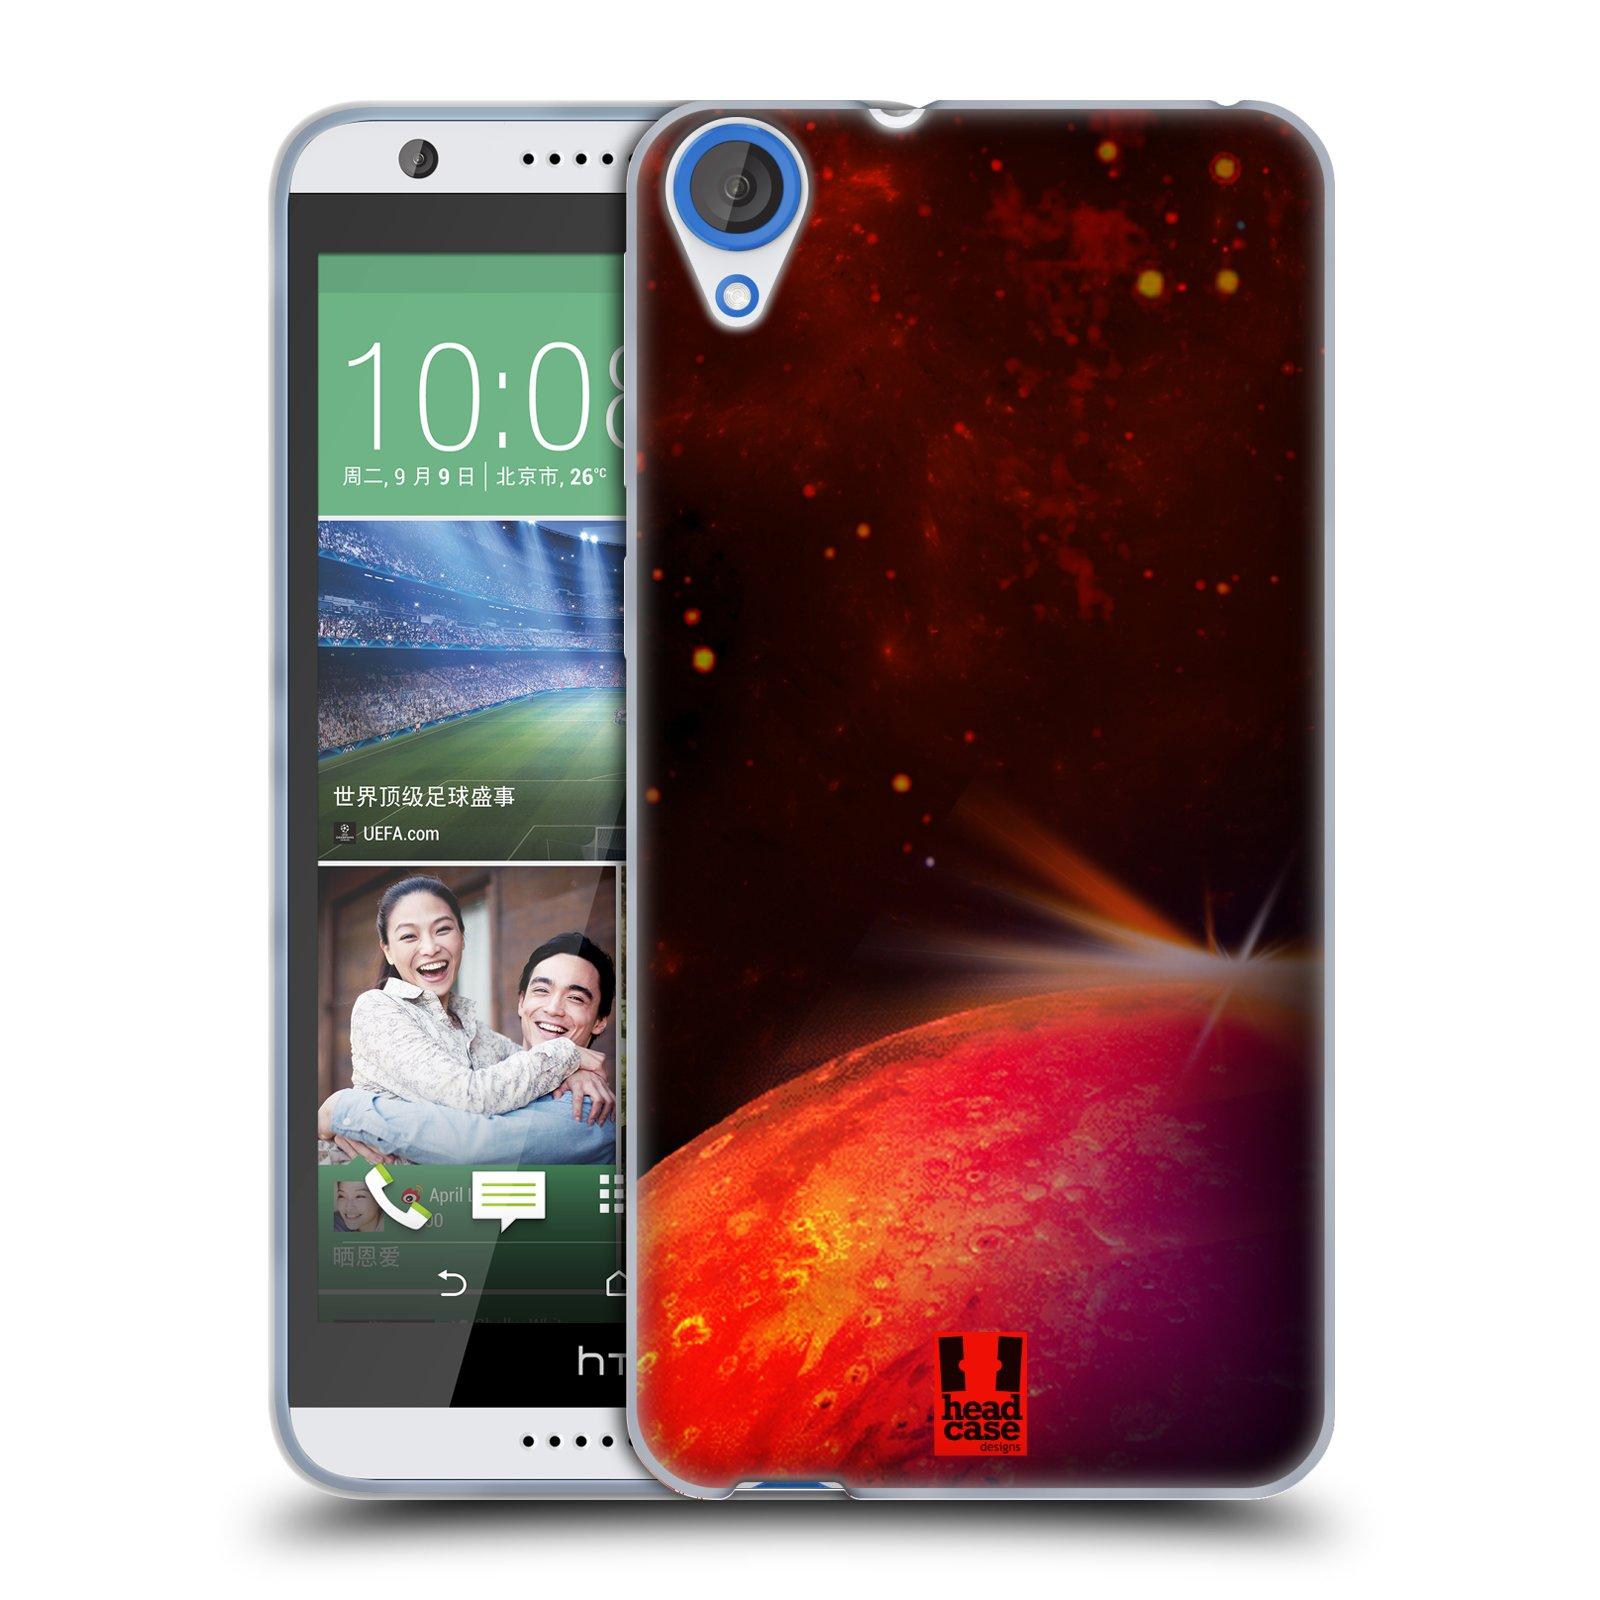 Silikonové pouzdro na mobil HTC Desire 820 HEAD CASE MARS (Silikonový kryt či obal na mobilní telefon HTC Desire 820)